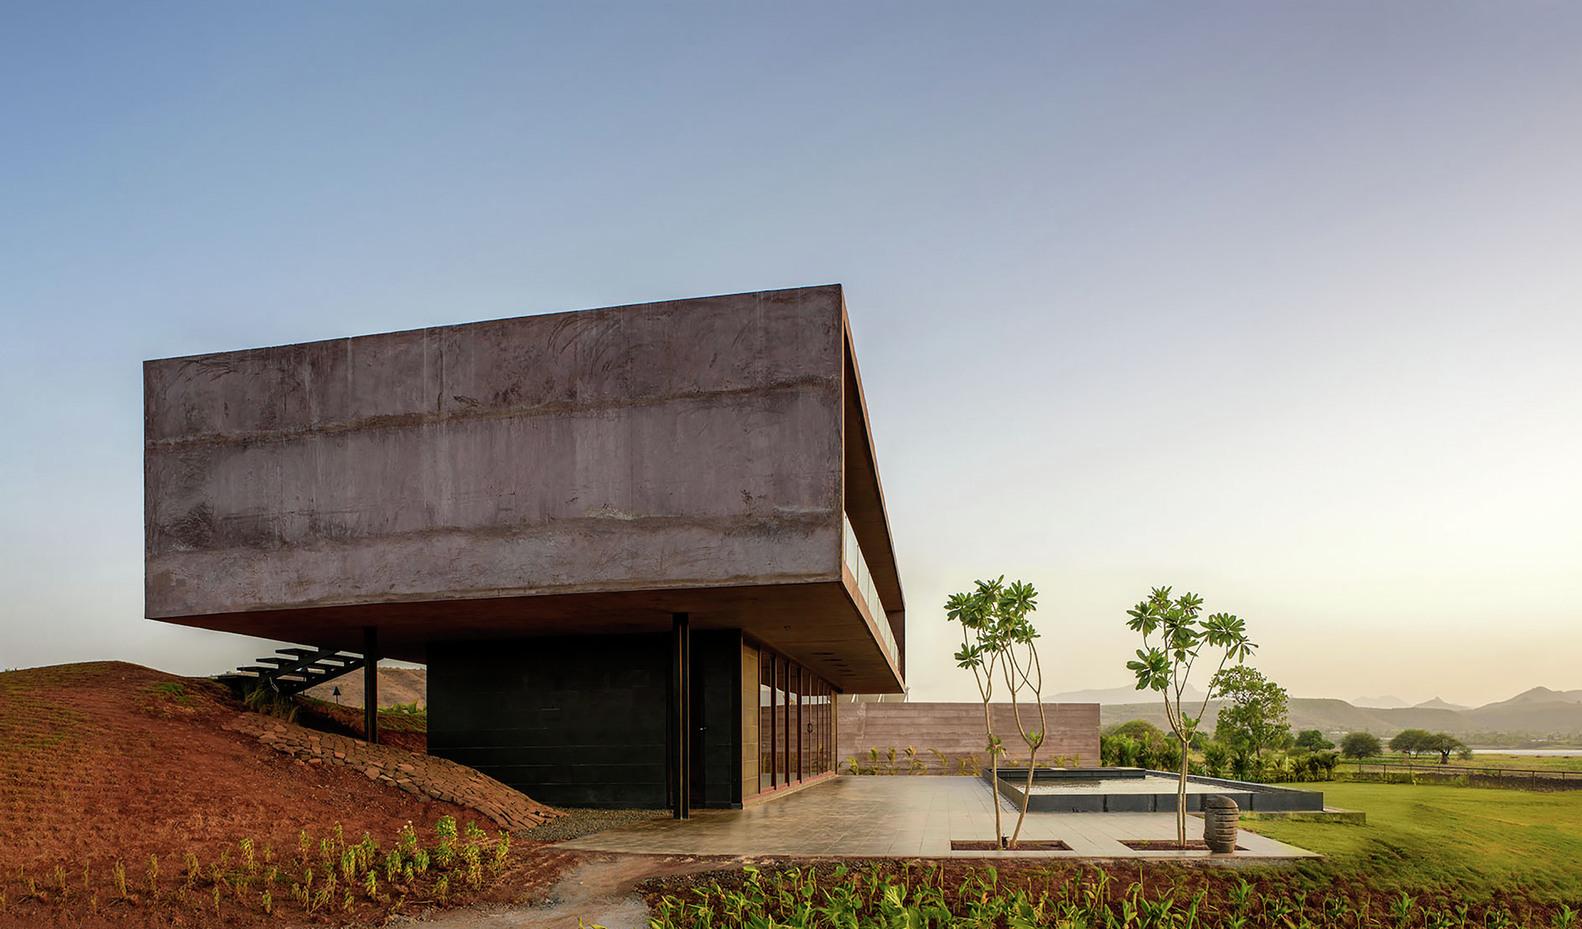 Contemporary Concrete Architecture